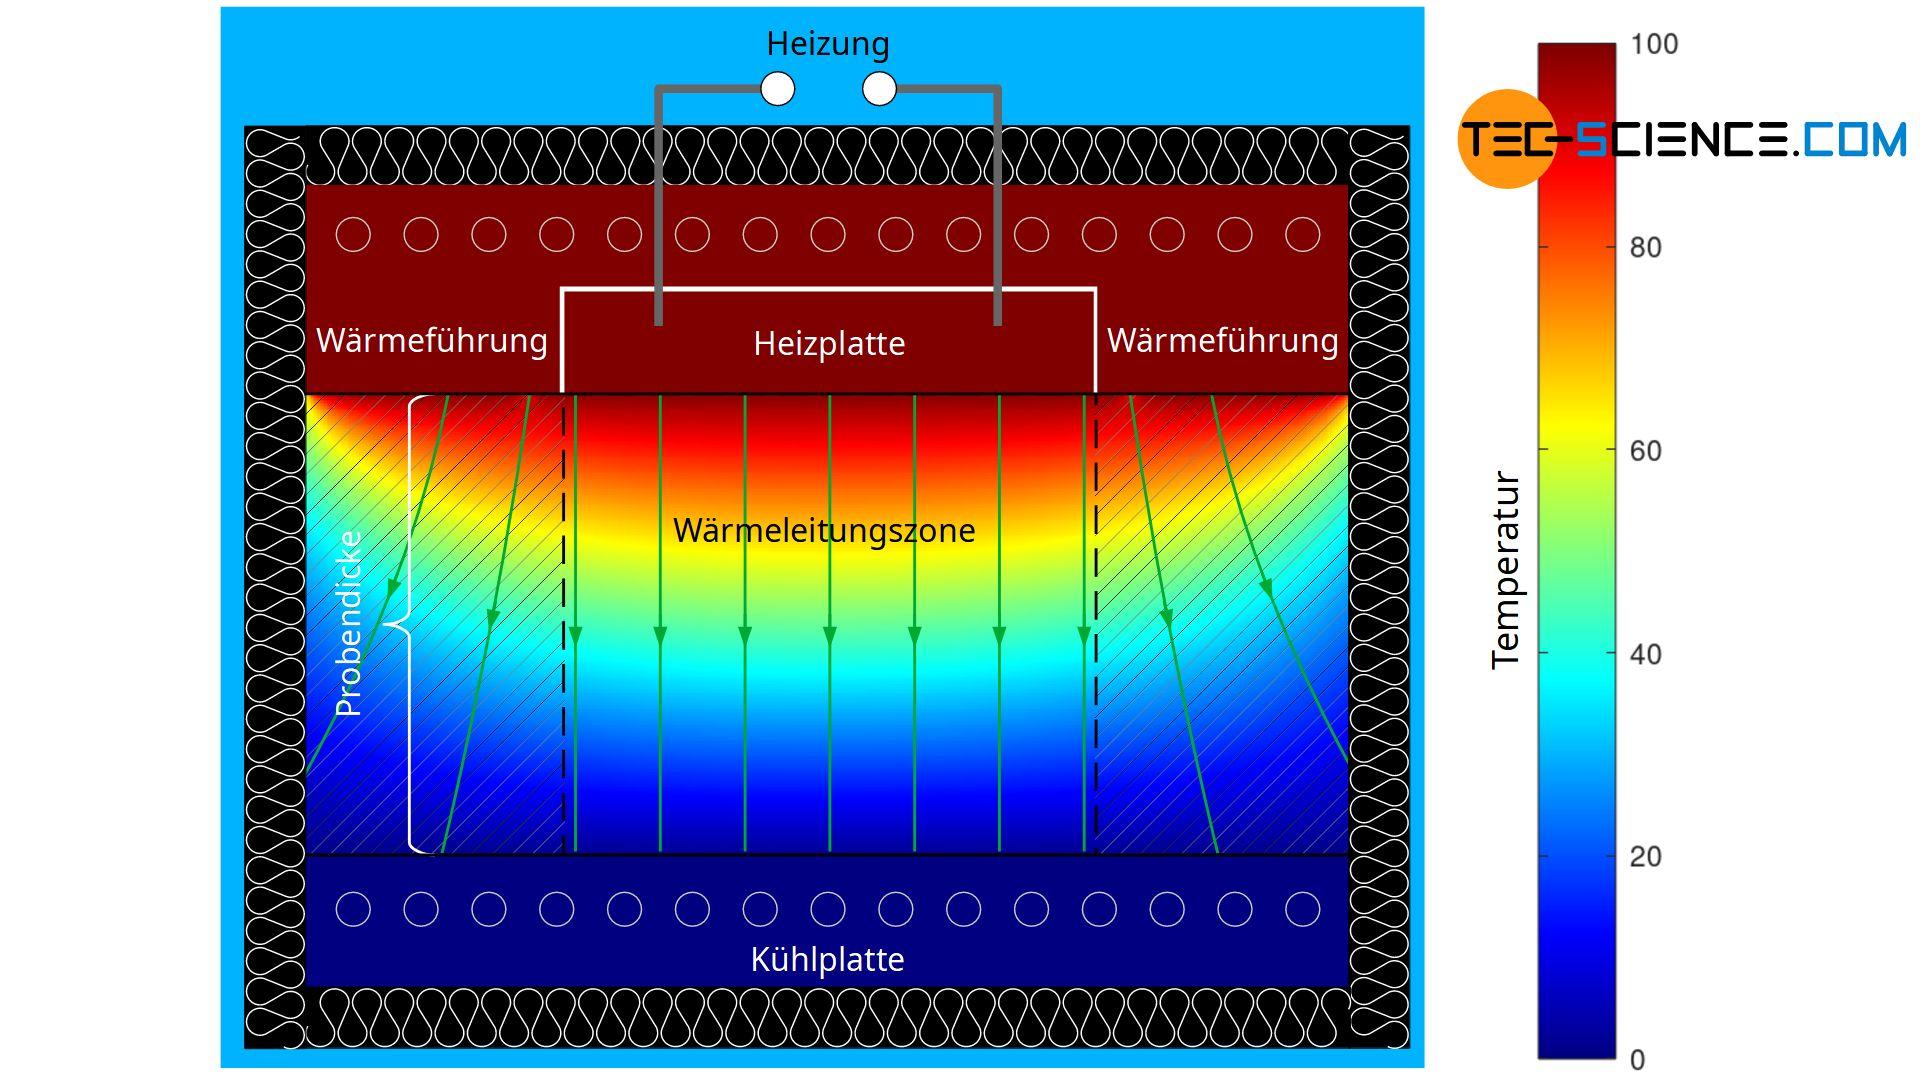 Simulation der Temperaturverteilung beim Guarded-Hot-Plate-Verfahren